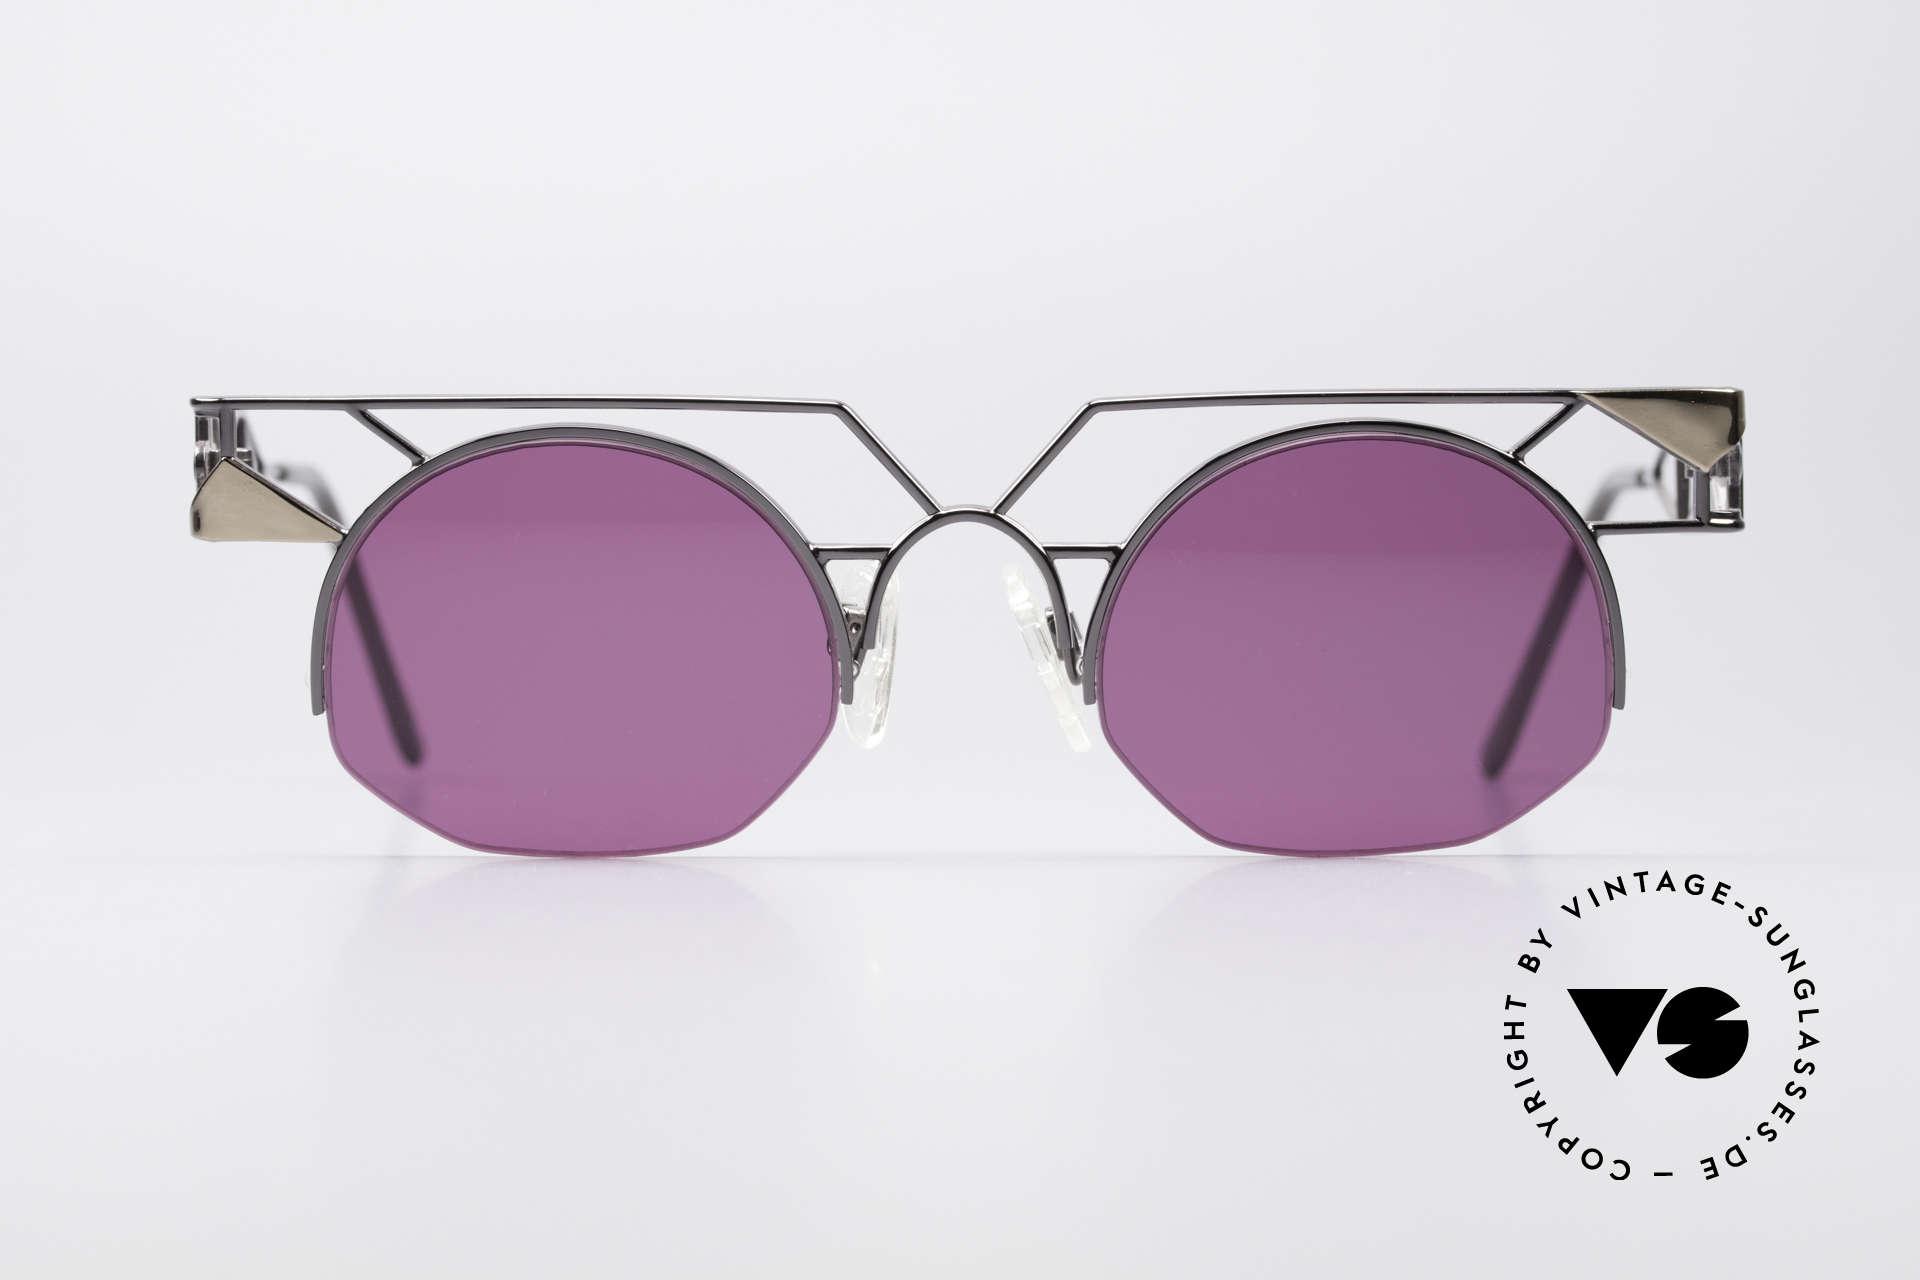 c2278e8c50e Sunglasses Neostyle Jet 224 Sunglasses Steampunk Style